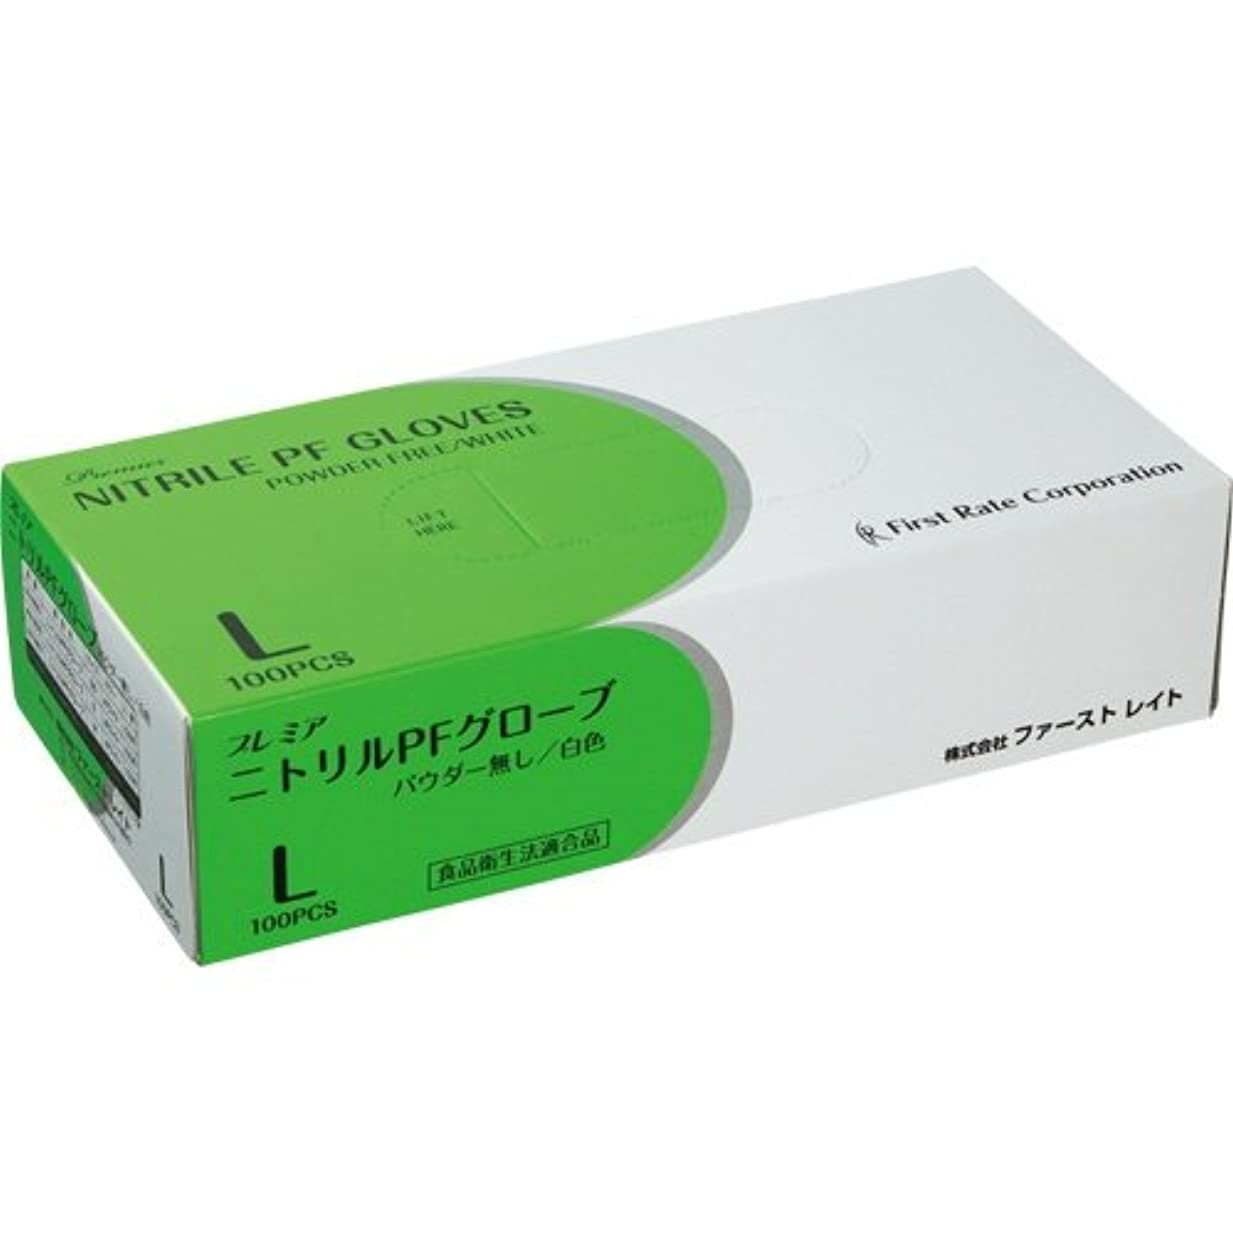 爆風一元化する安息ファーストレイト プレミアニトリルPFグローブ パウダーフリー ホワイト L FR-858 1セット(1000枚:100枚×10箱)